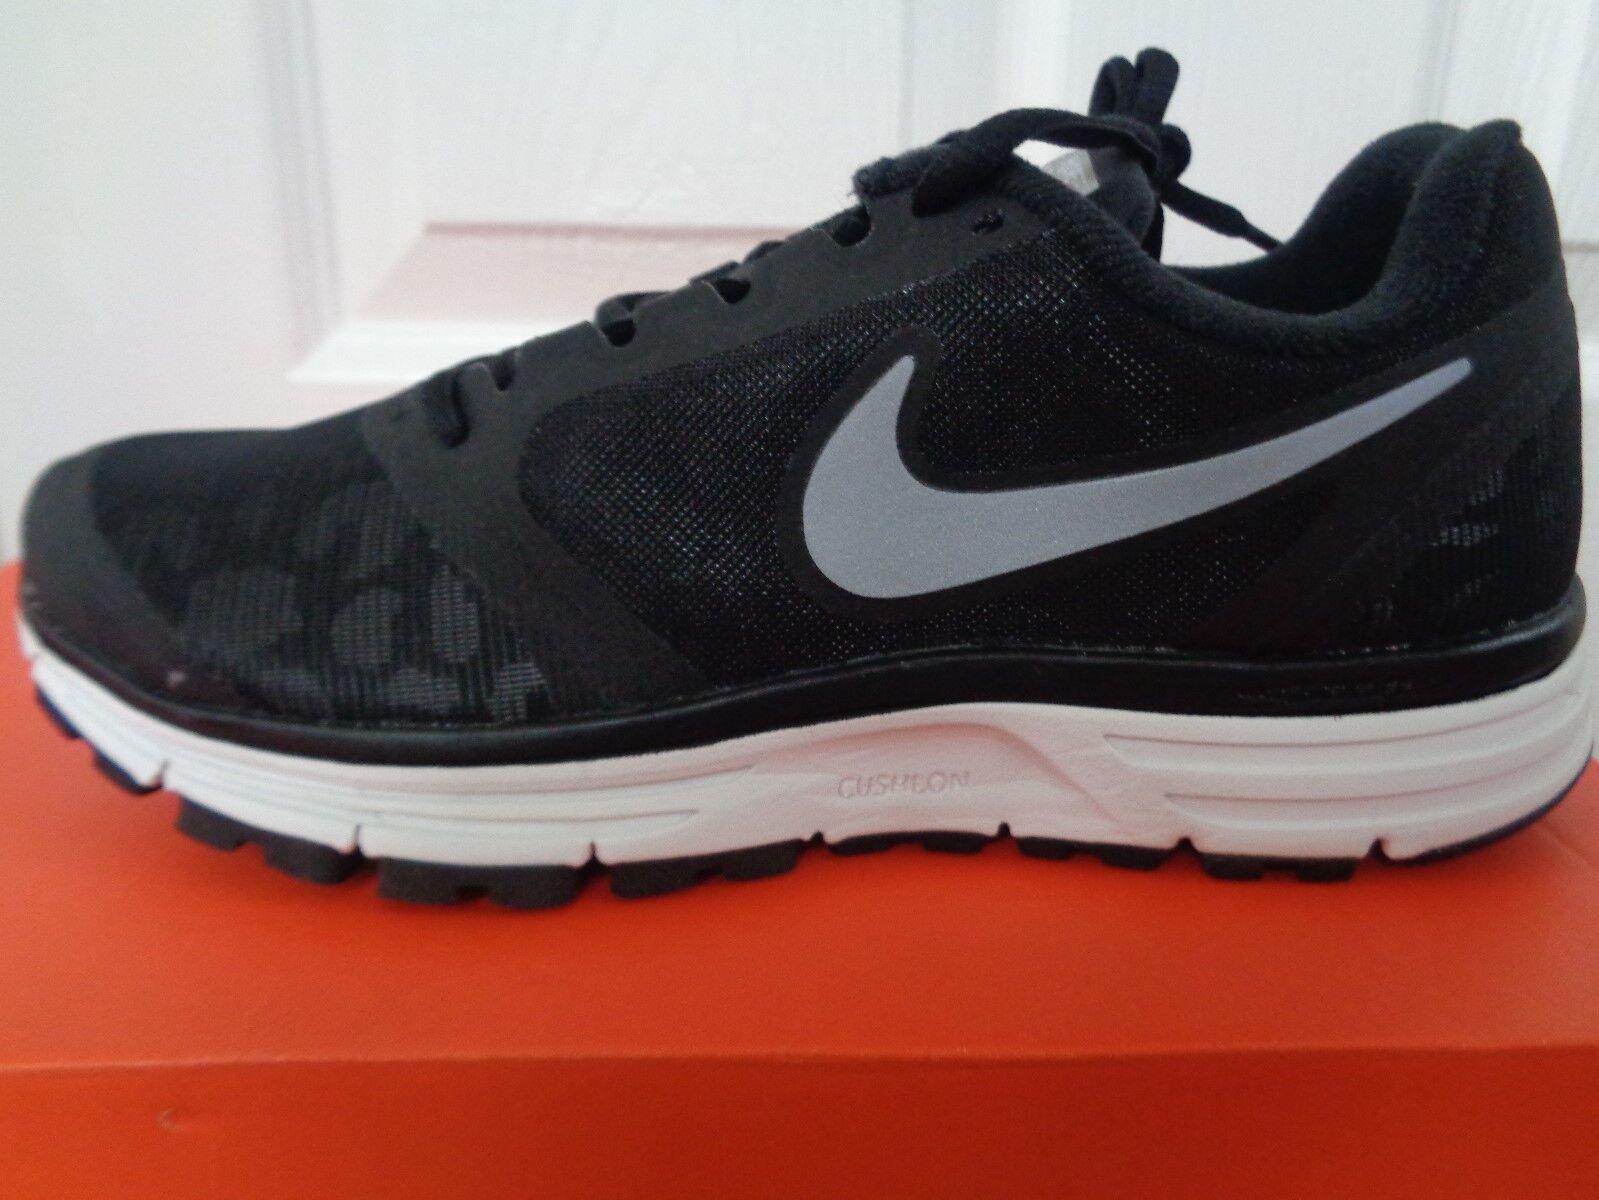 Nike Zoom Wmns Vomero +8 Escudo Wmns Zoom Zapatillas 616308 001 nos 7 Nuevo + Caja 13f5dc